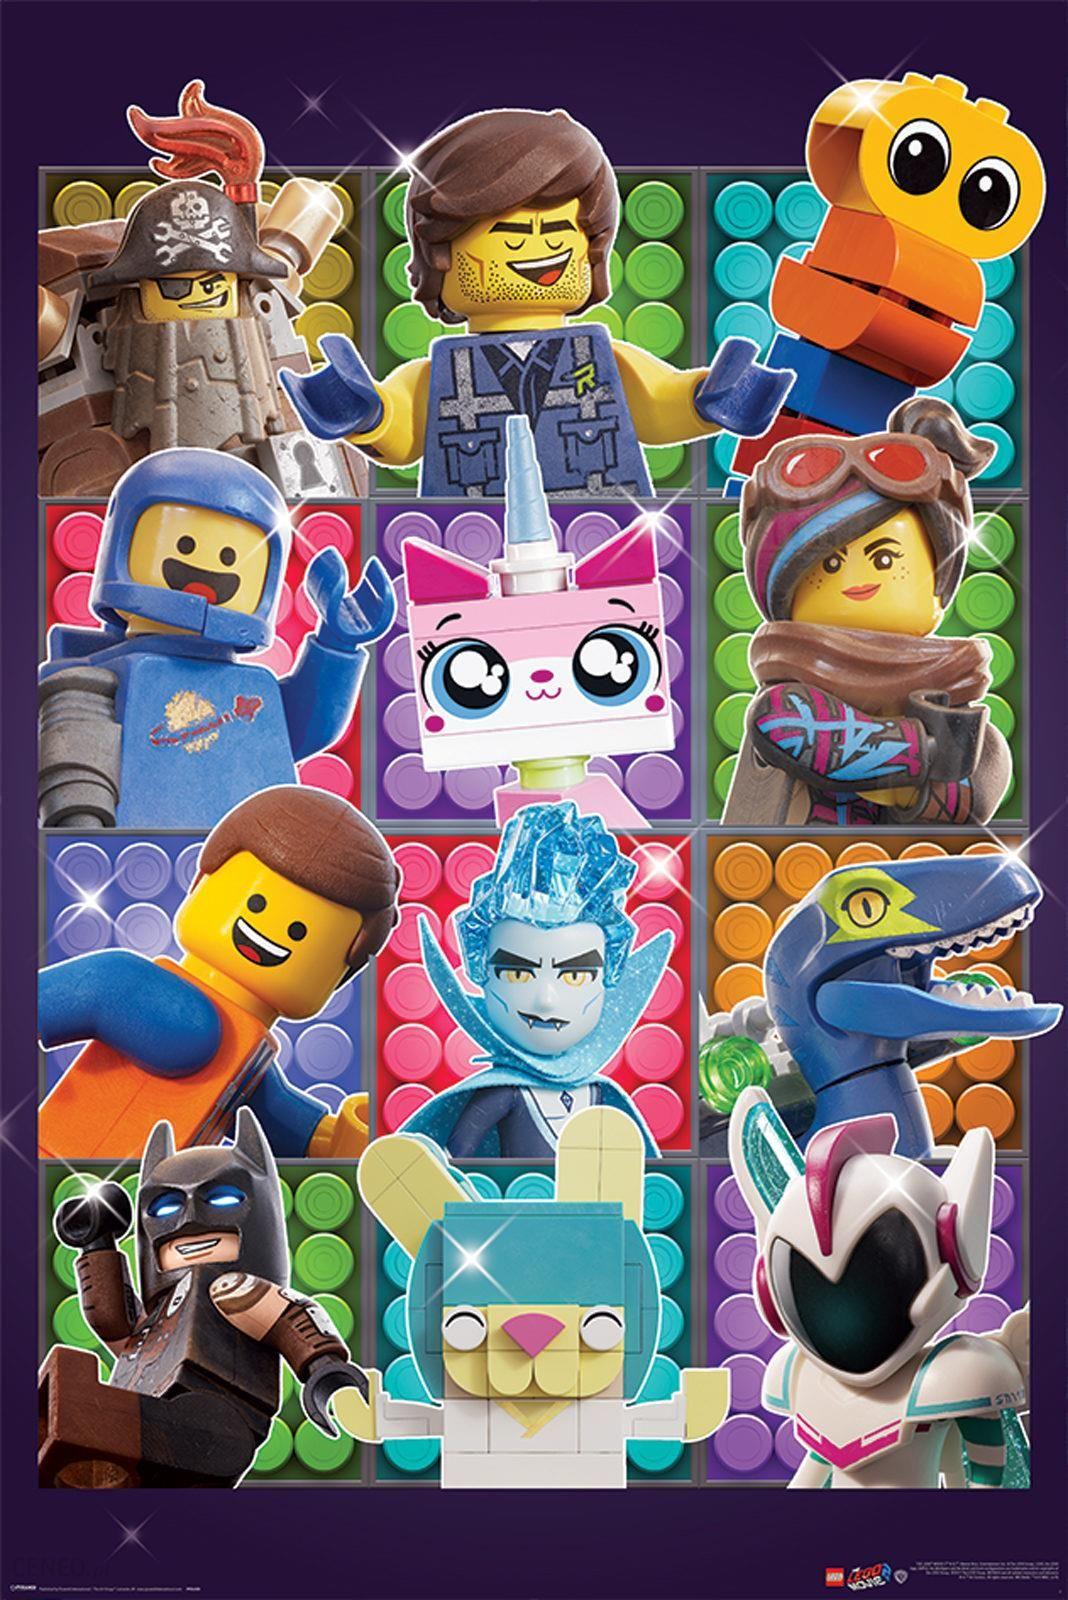 Lego Przygoda 2 Plakat Z Bajki 61x915cm Opinie I Atrakcyjne Ceny Na Ceneopl